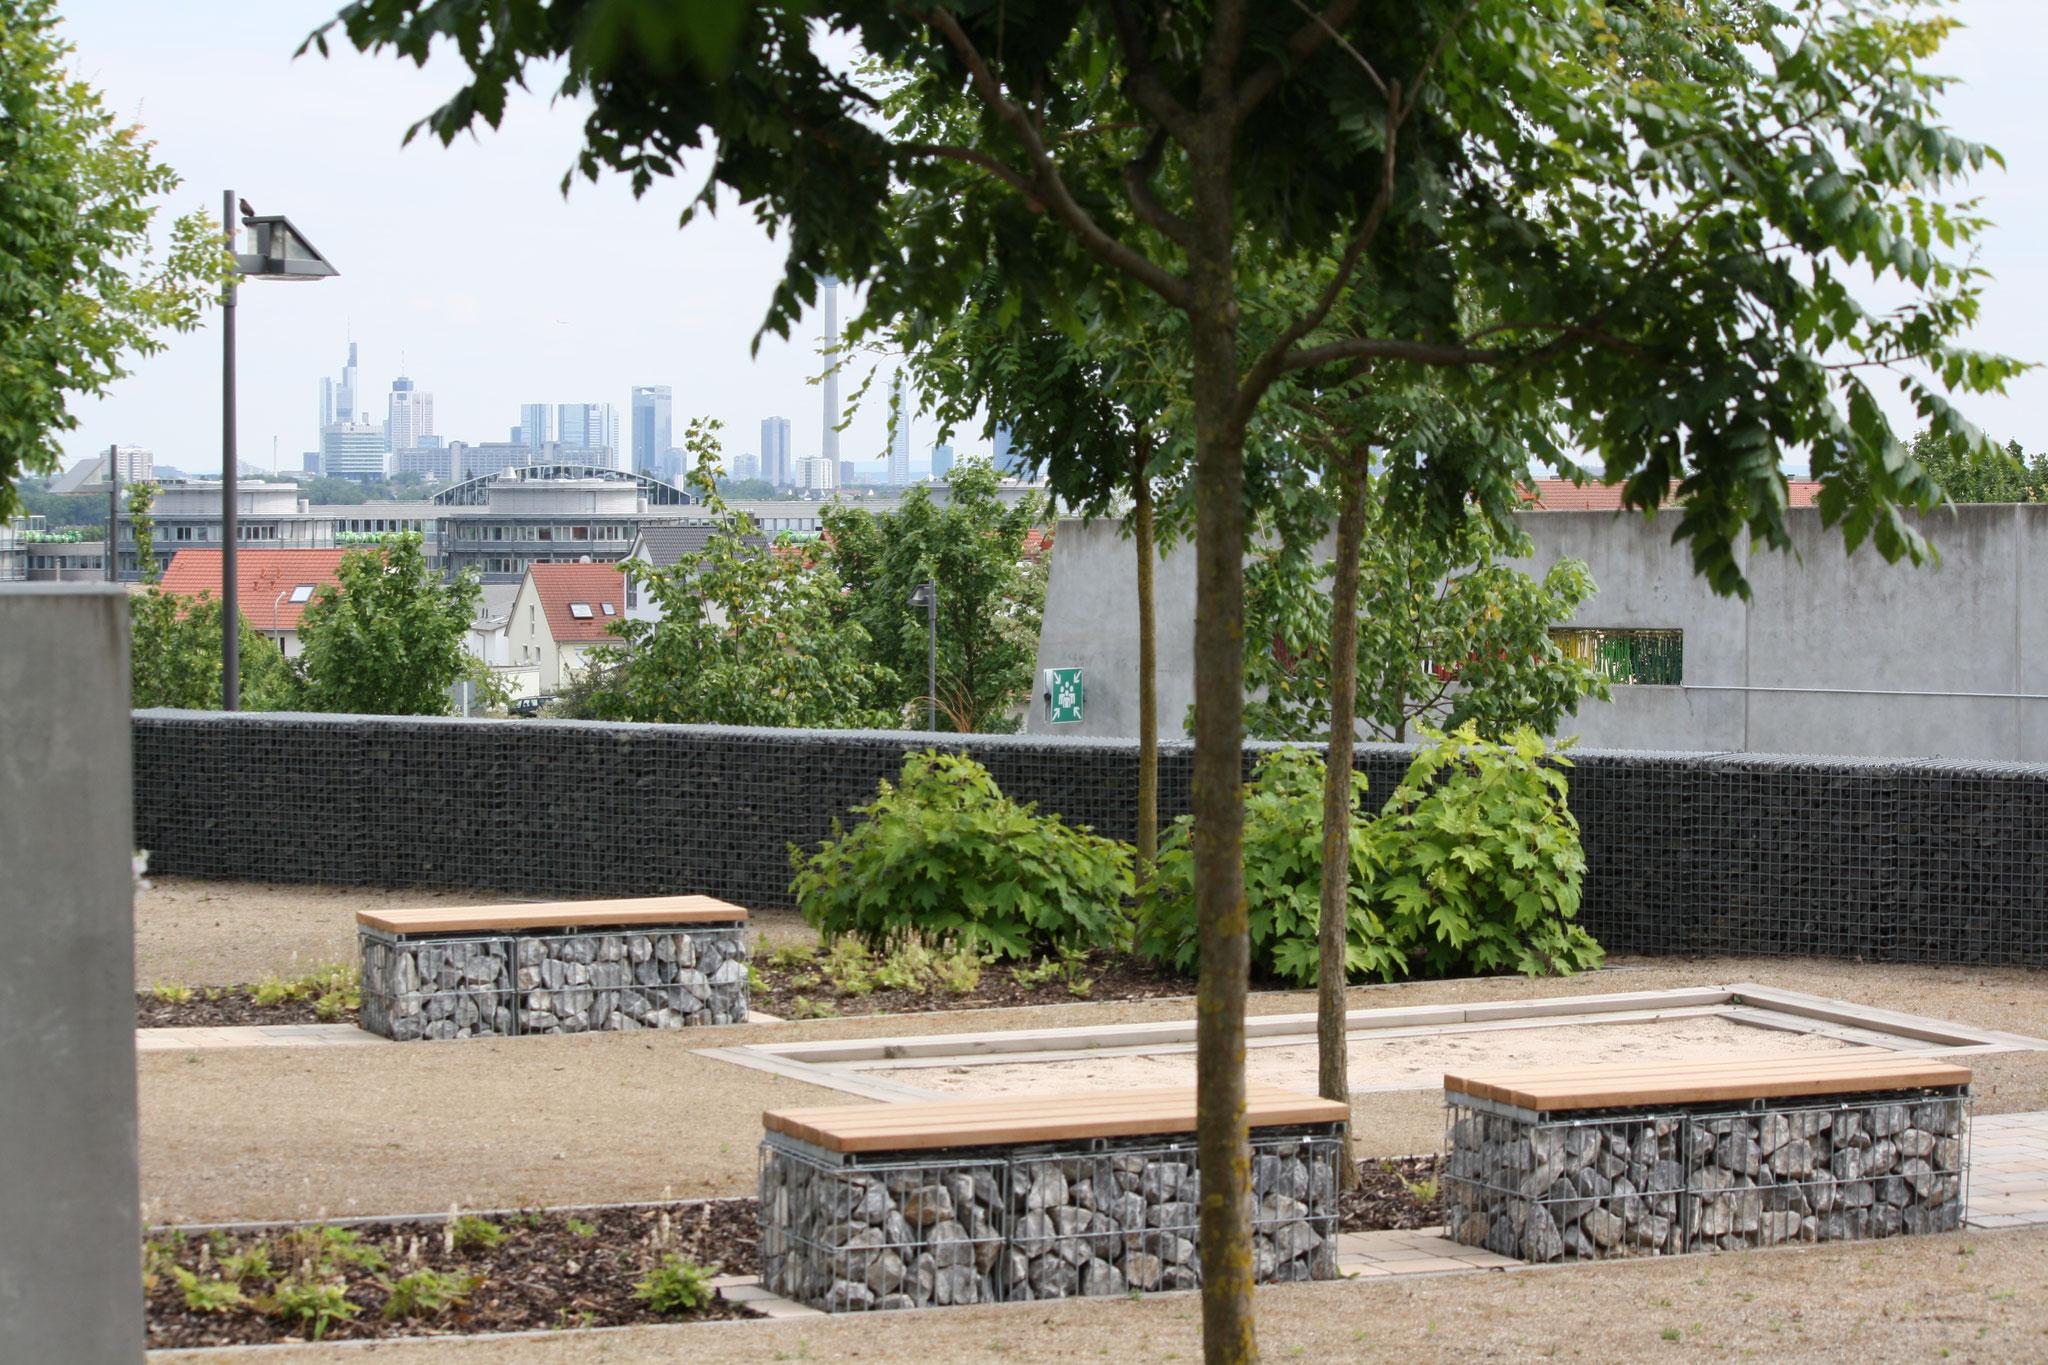 image Meilleur De De Ensemble Table Jardin Concept